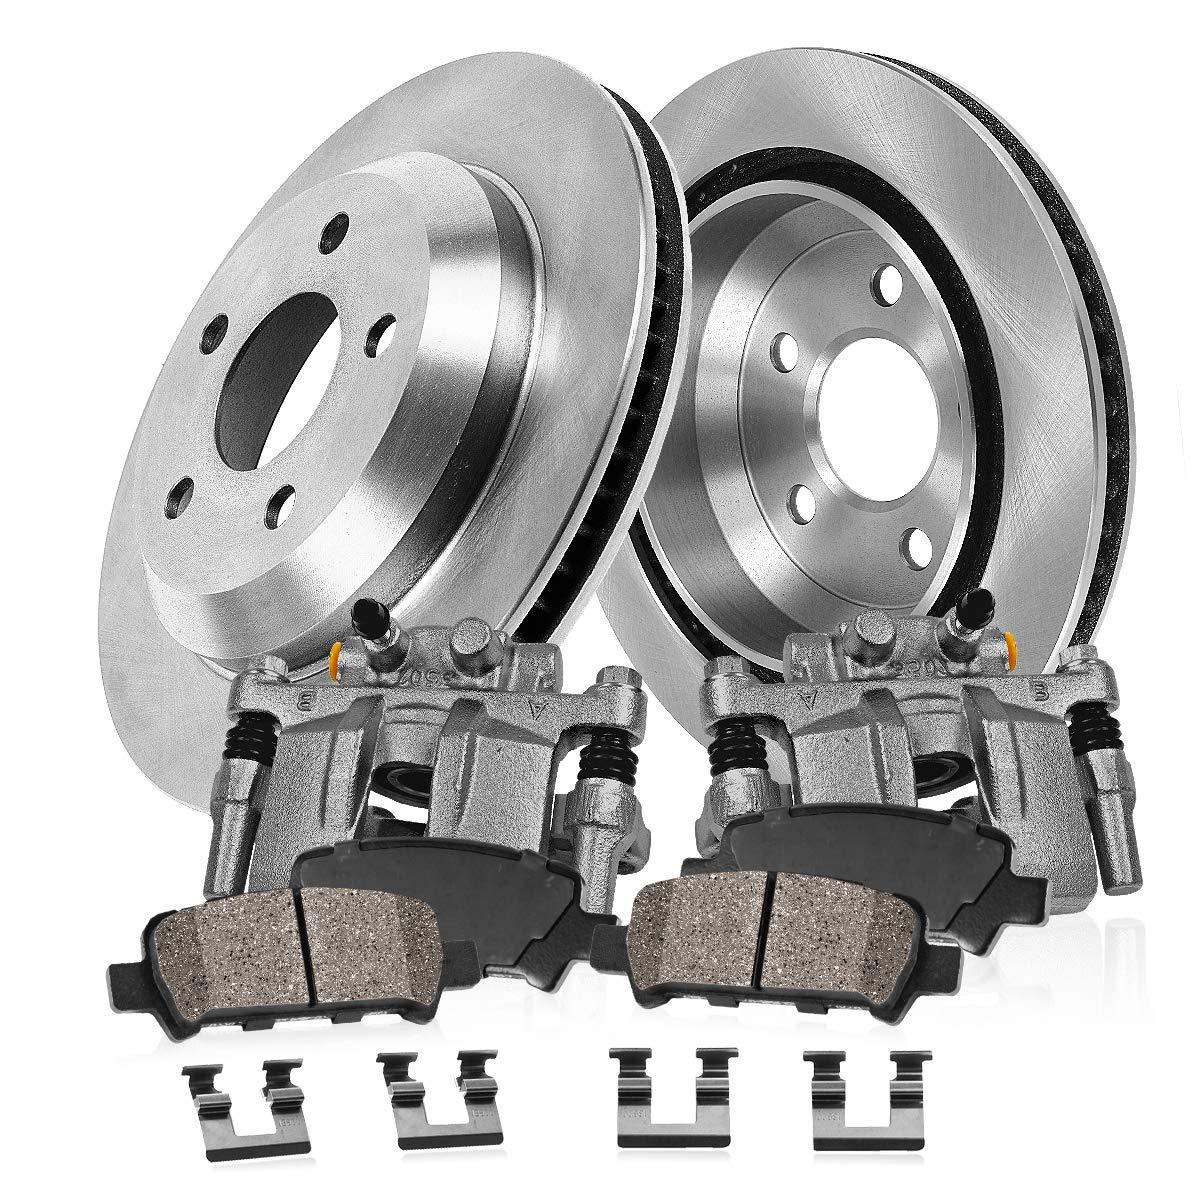 REAR Original Remanufactured Calipers + CCK02559 OE Rotors + 4 2 Low Dust Ceramic Brake Pads 2